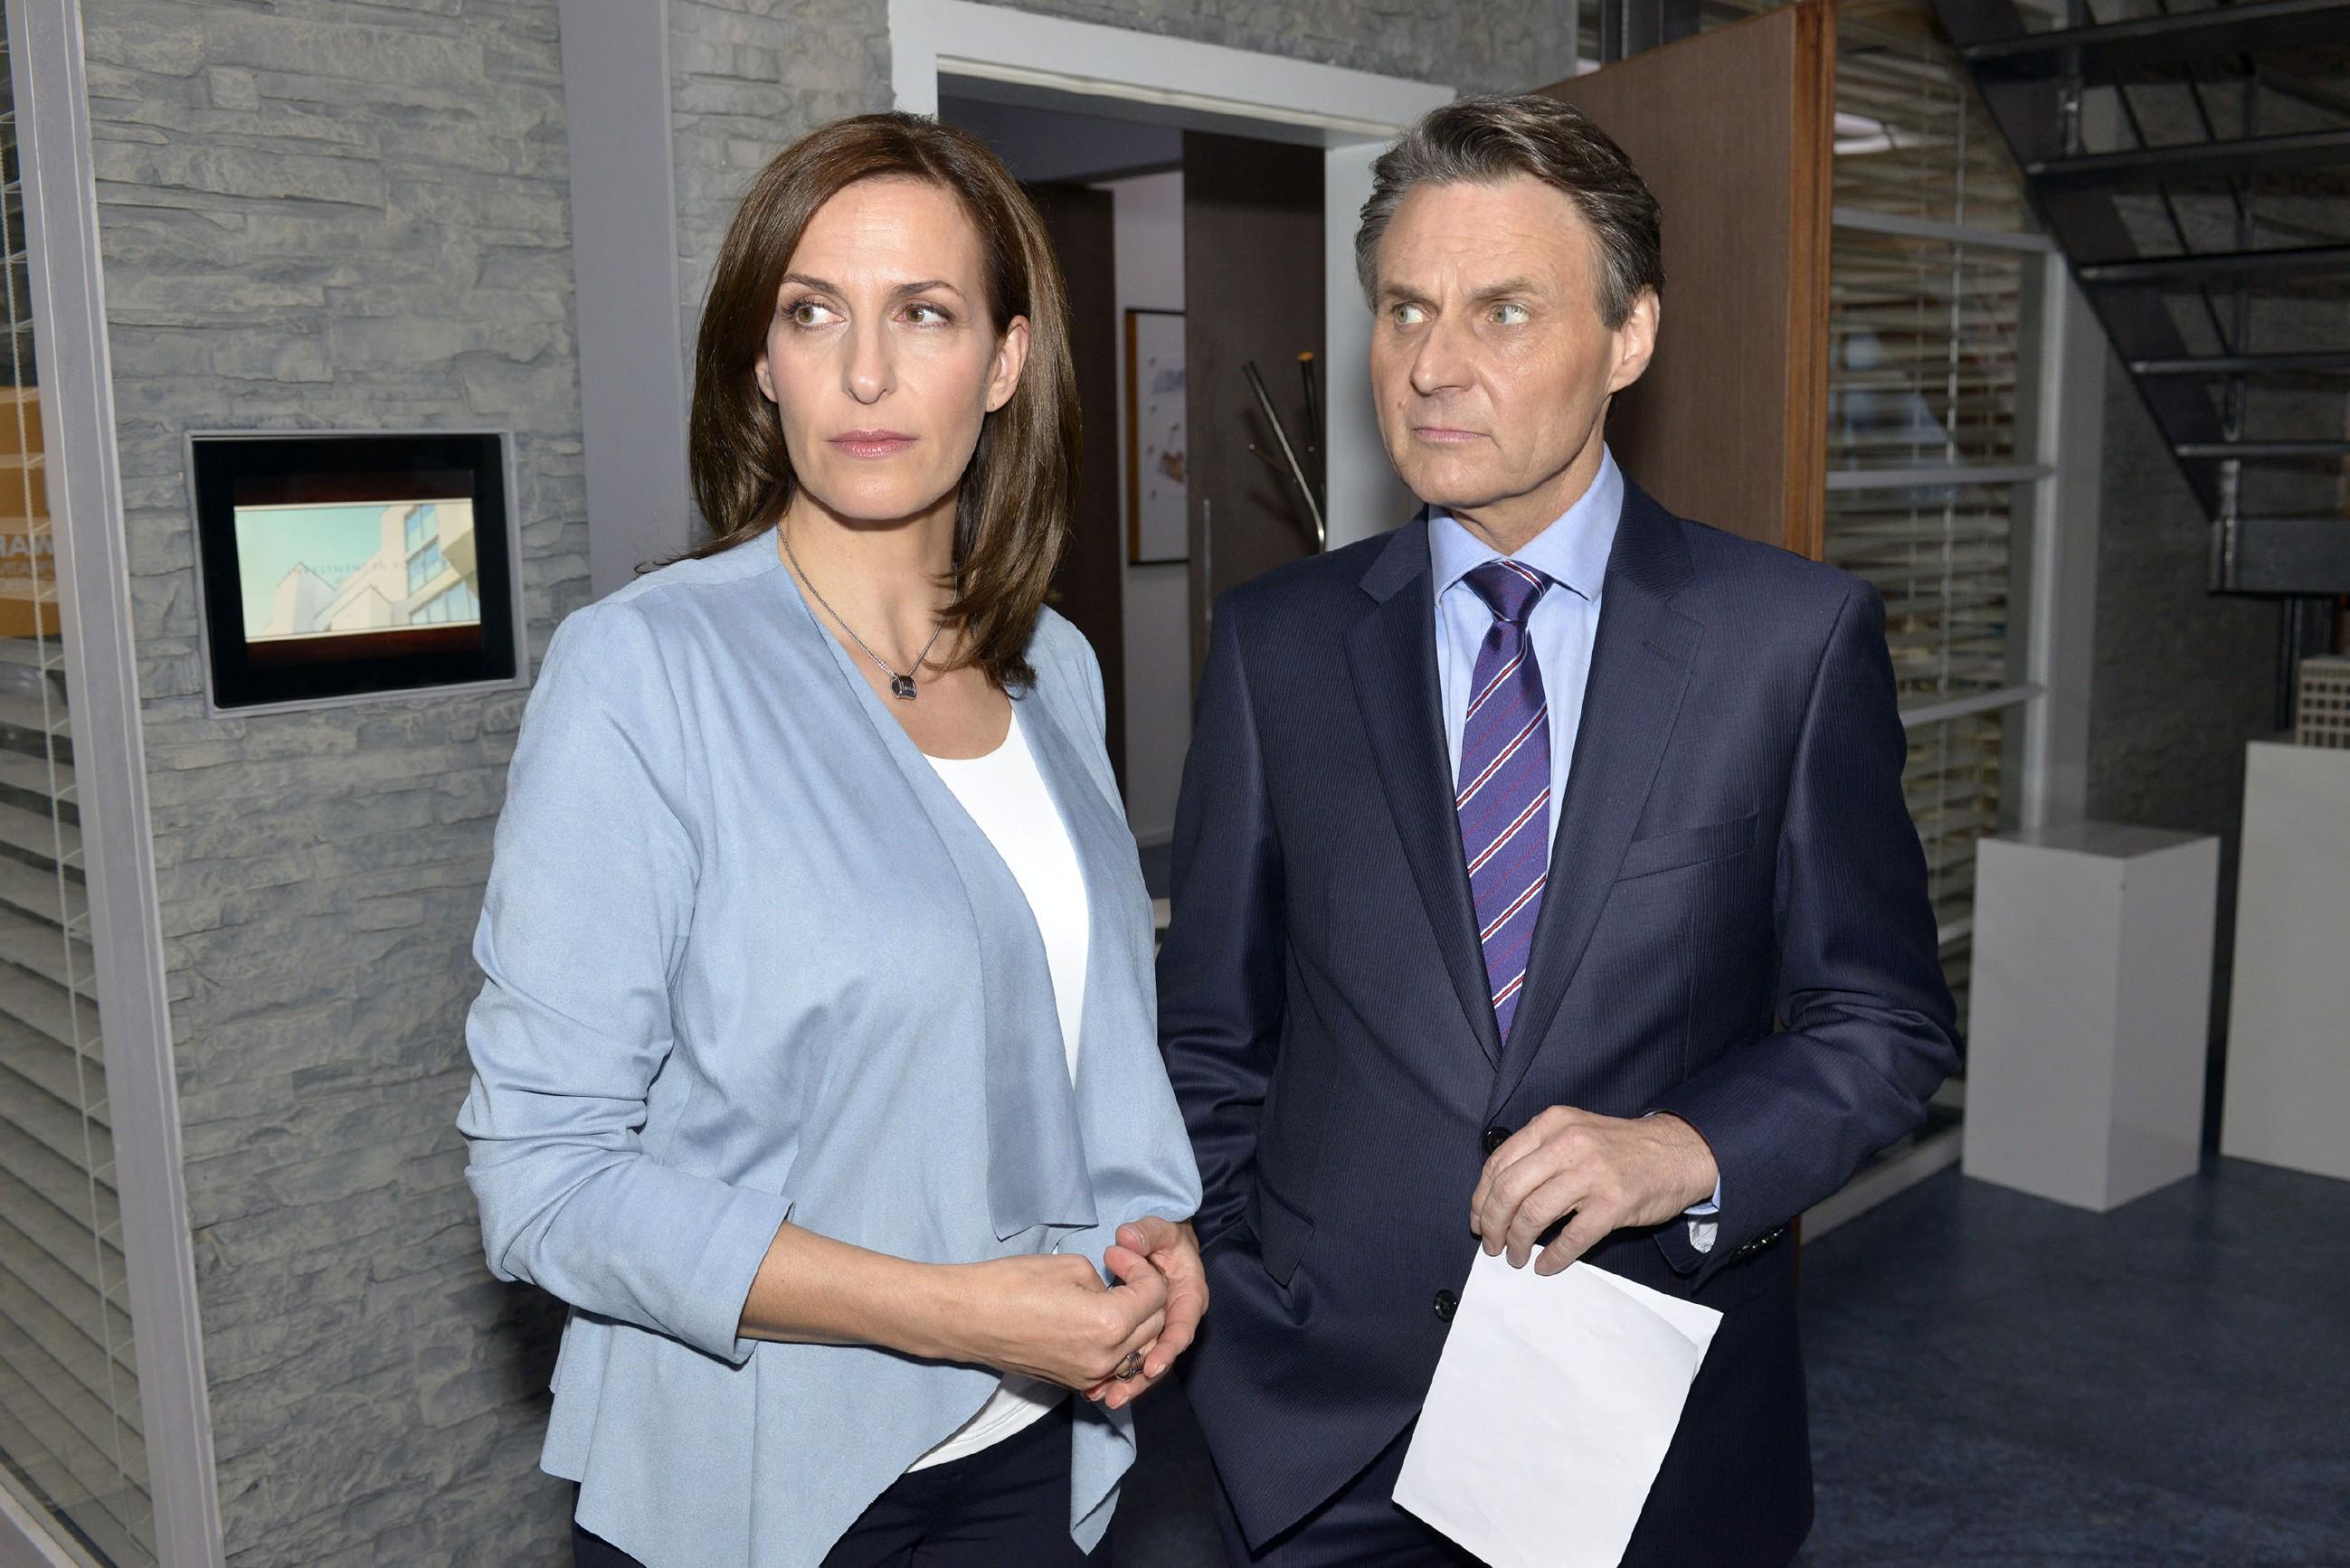 Nach Bommels Kündigung fragt sich Gerner (Wolfgang Bahro), ob zwischen Katrin (Ulrike Frank) und Bommel etwas passiert sein könnte, das seine geplante Ehe mit Katrin gefährdet. (Quelle: RTL / Rolf Baumgartner)